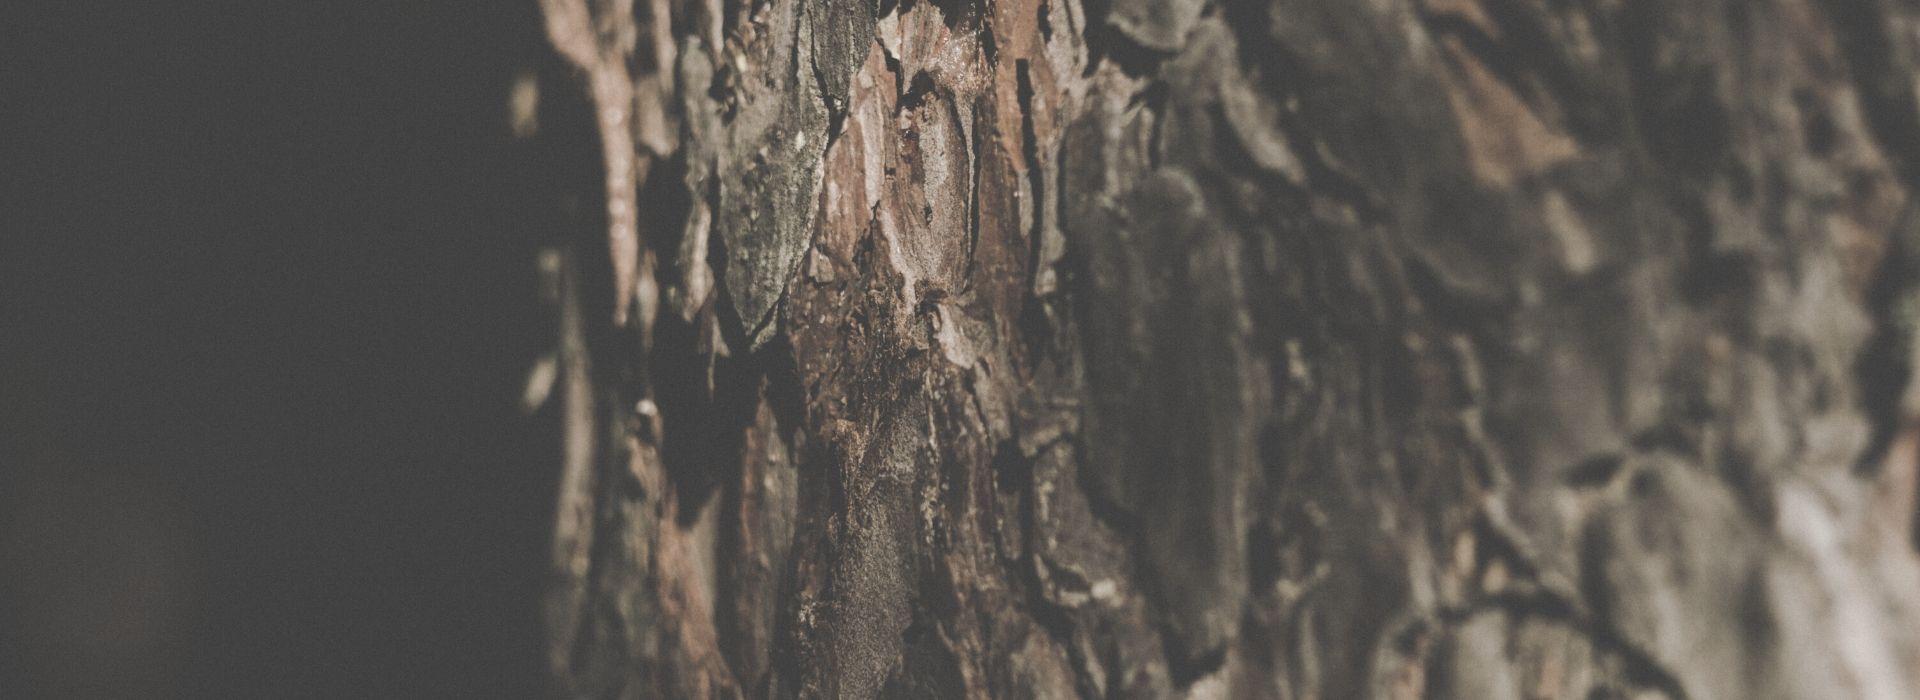 rodoslovnoe drevo blog